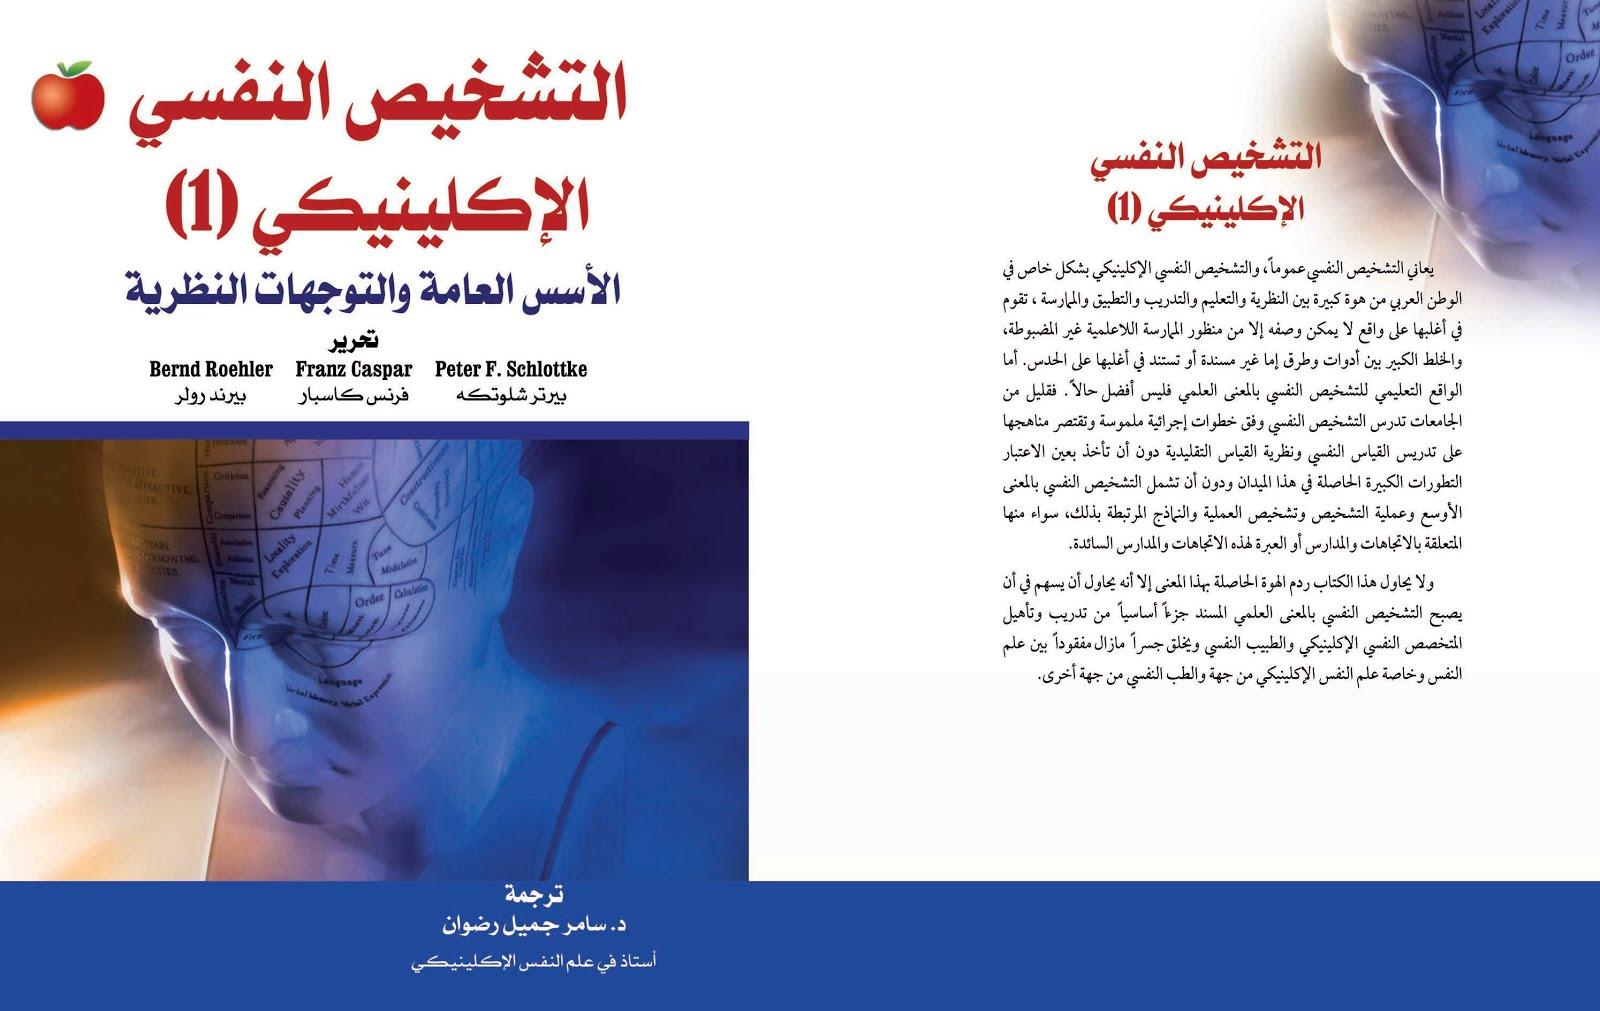 تحميل كتاب التشخيص النفسي الاكلينيكي